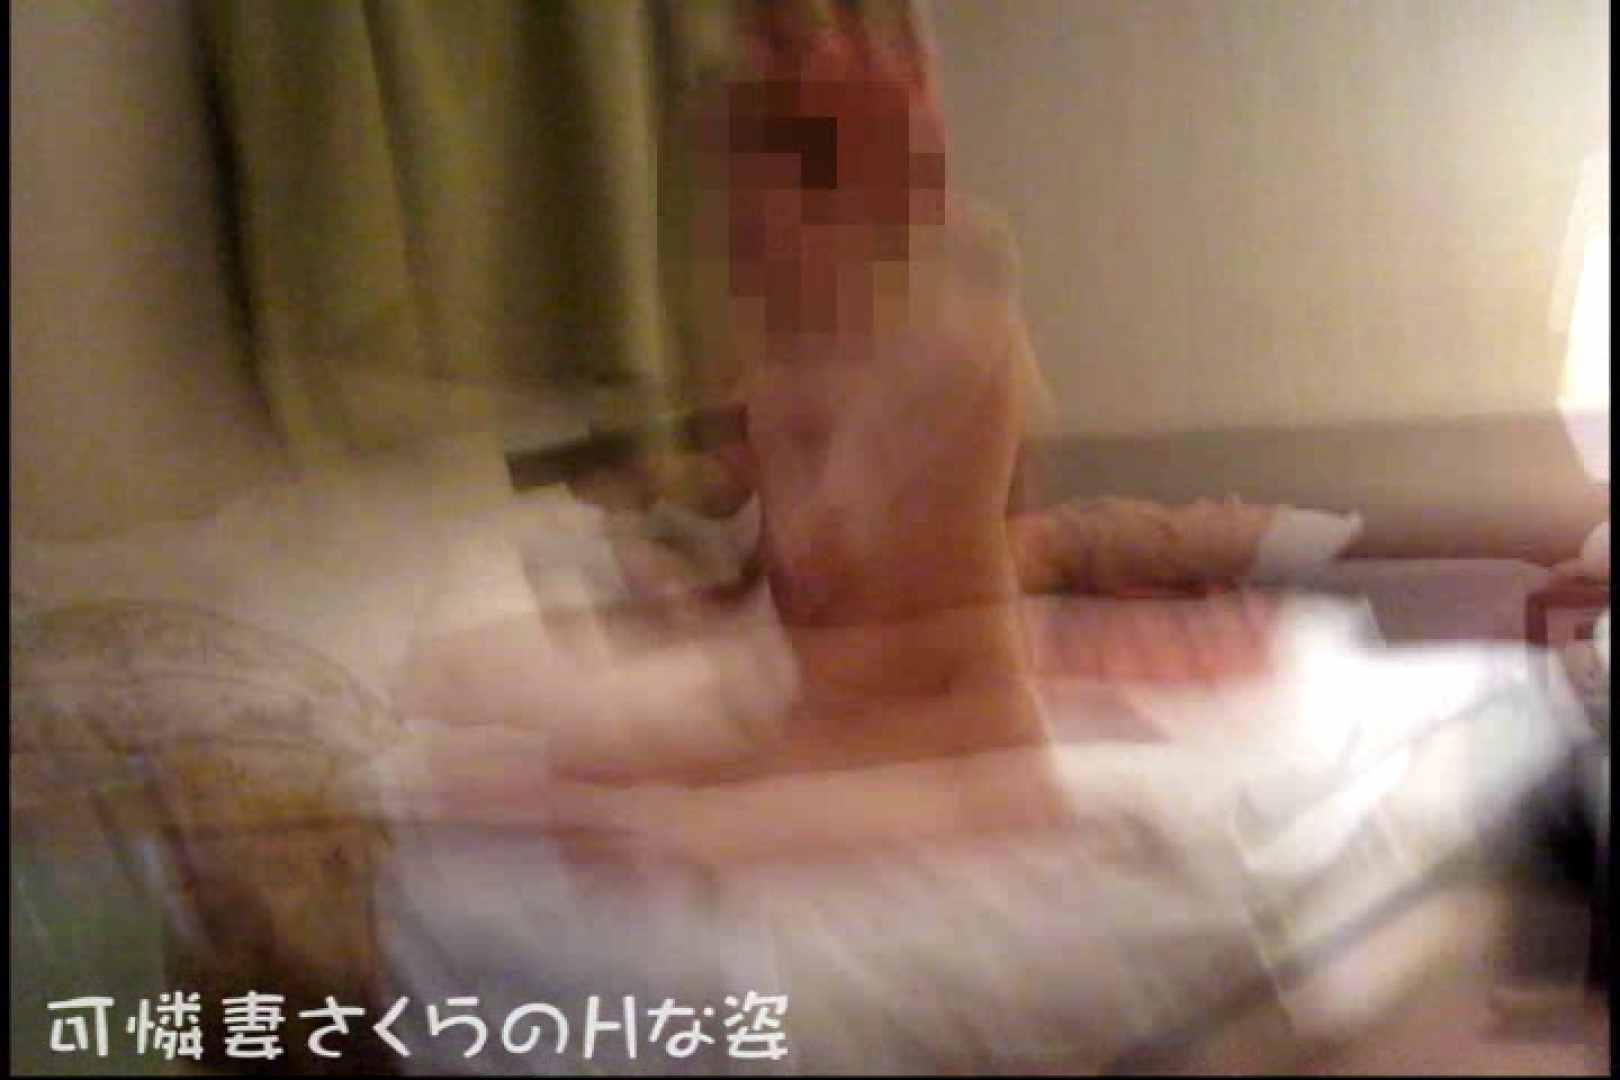 可憐妻さくらのHな姿vol.5前編 ホテル  23連発 2